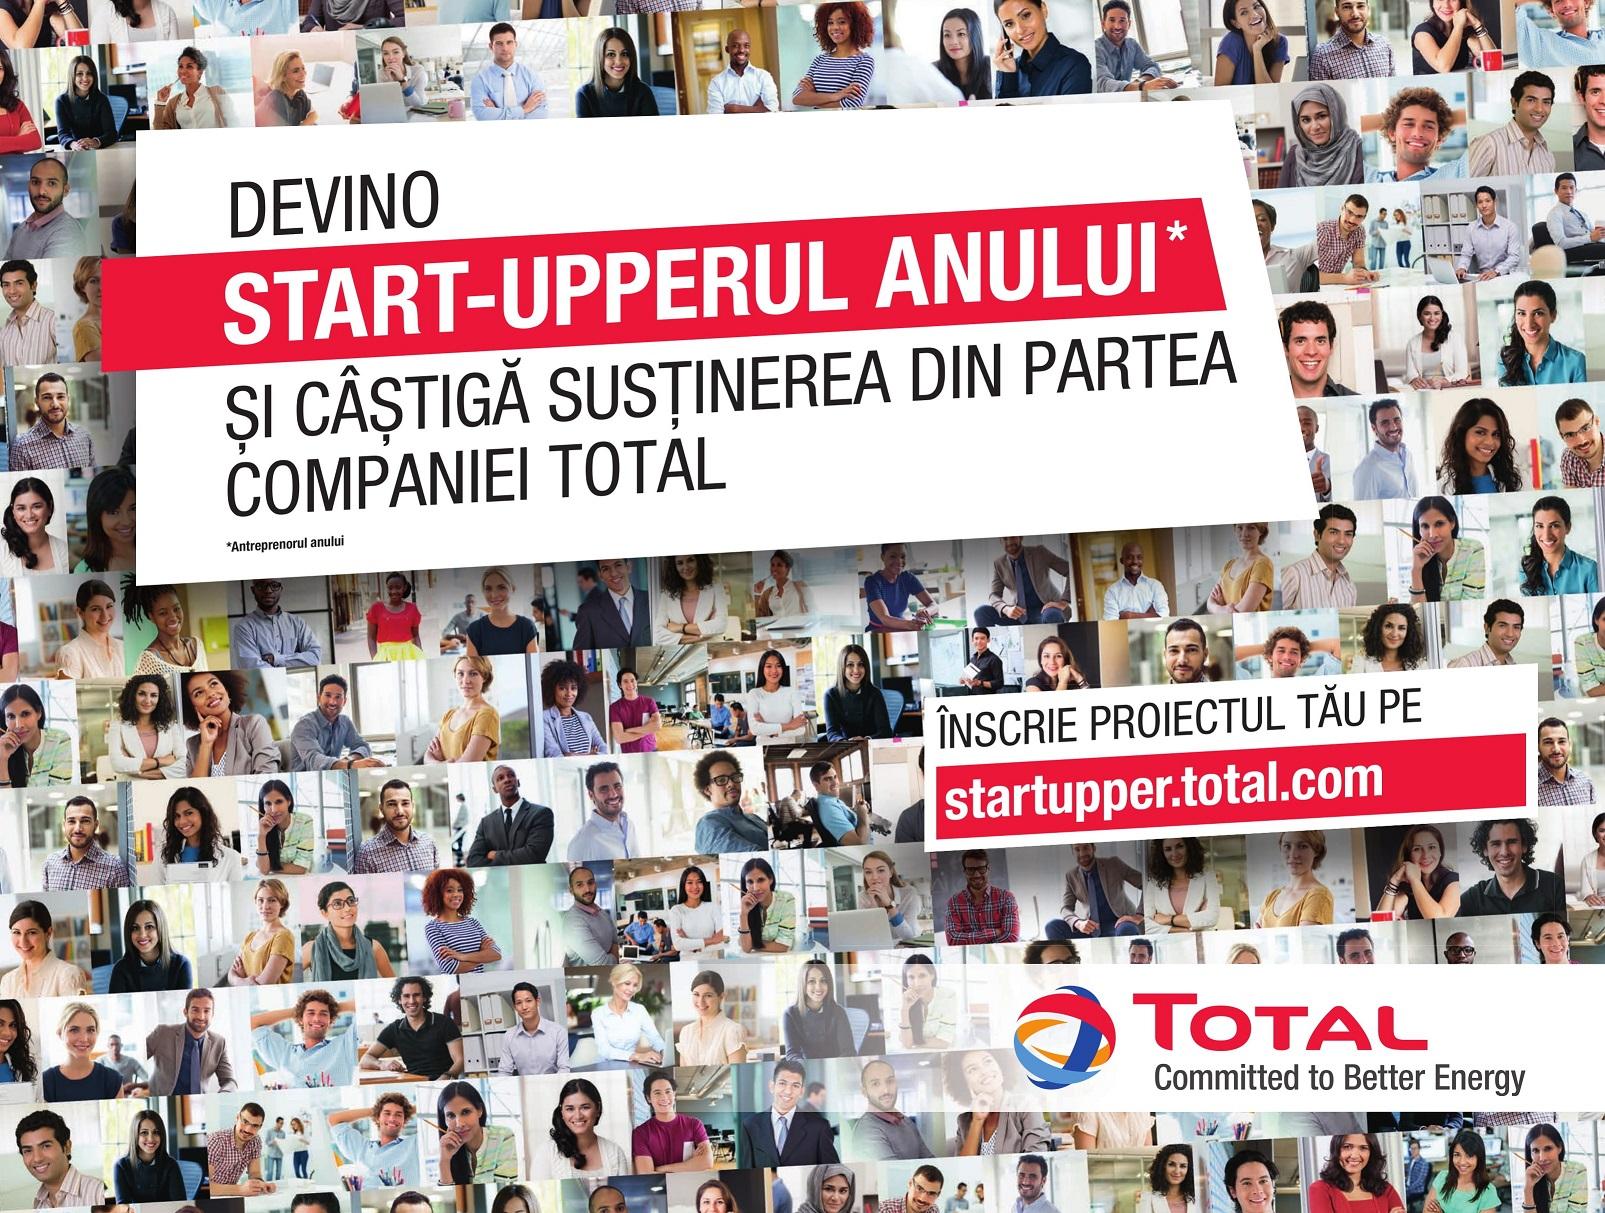 Startupper-ul Anului vizeaza sprijinirea și recompensarea tinerilor antreprenori.